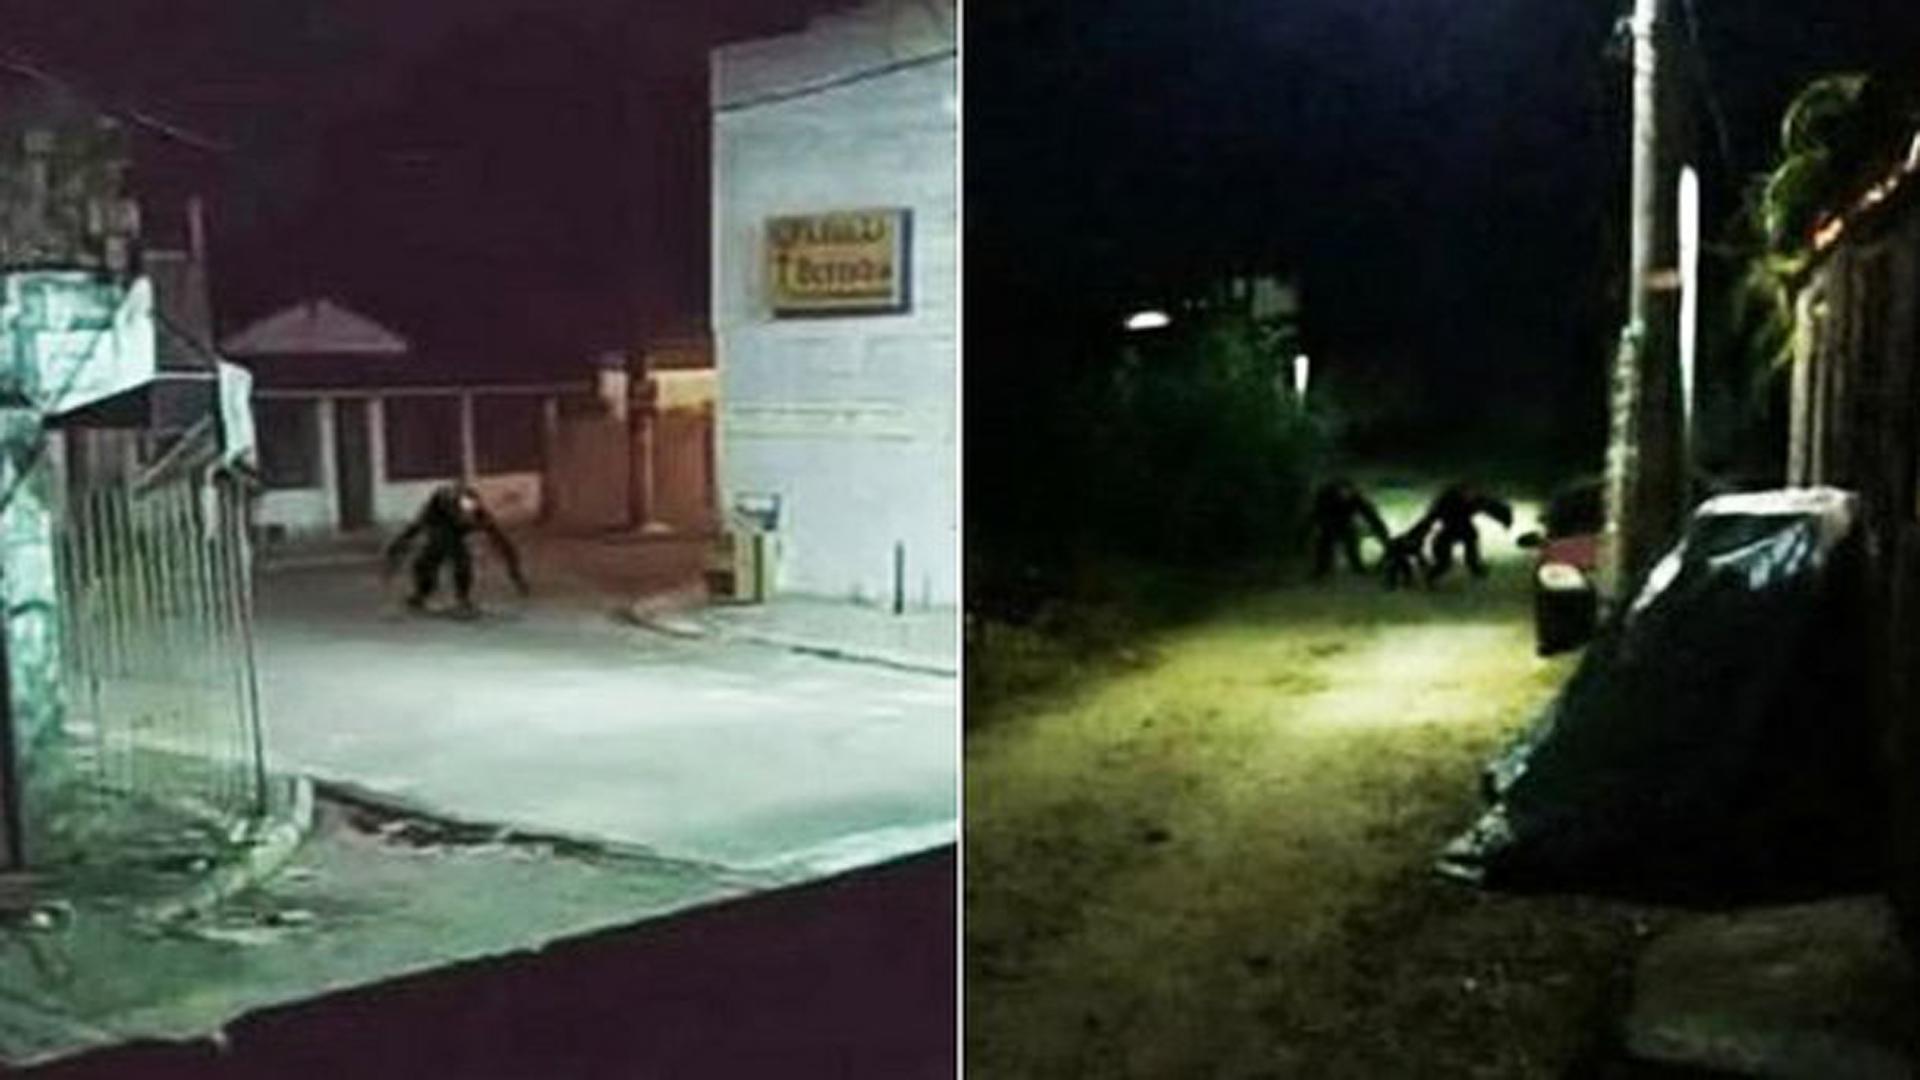 Criatura estranha circula pelas ruas durante a noite